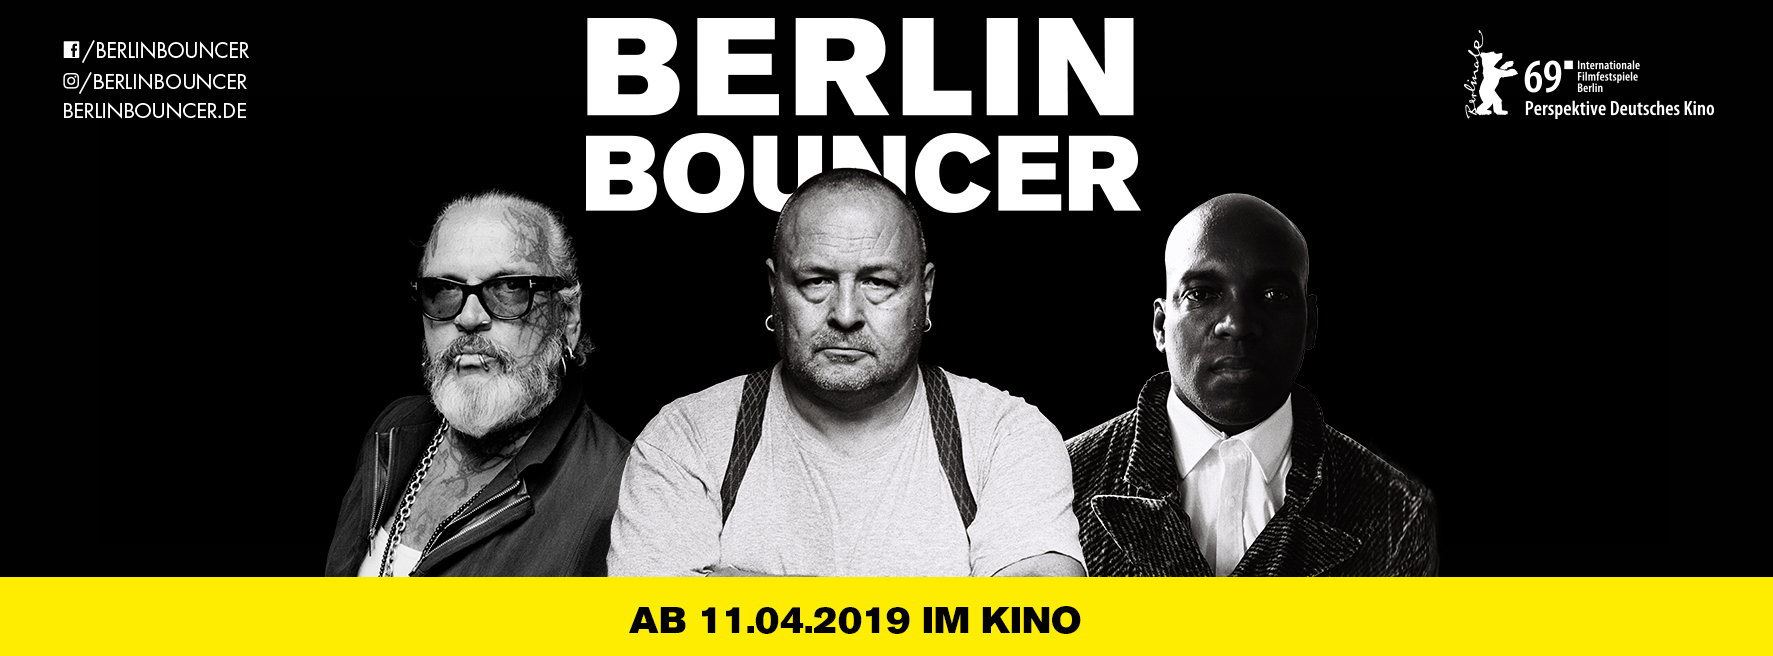 Berlin-Bouncer-Header.jpg